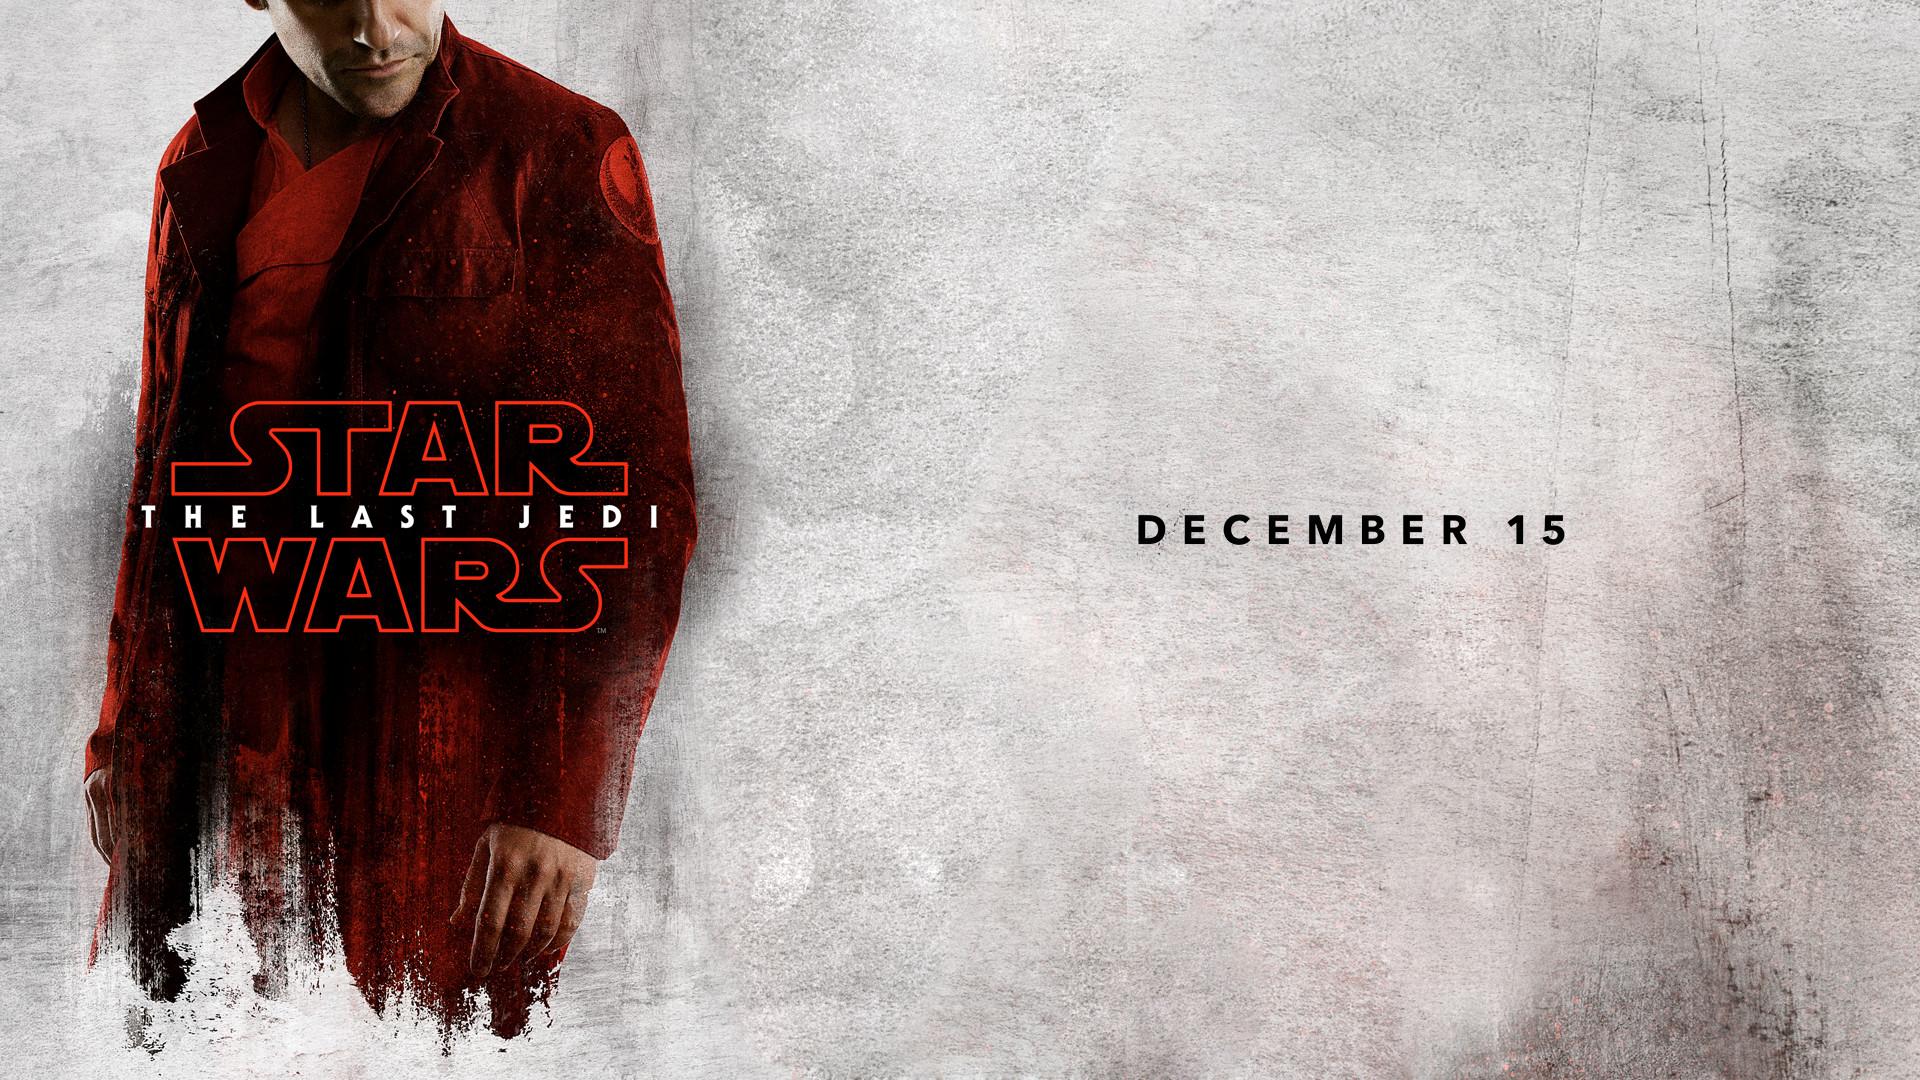 Res: 1920x1080, General  Star Wars: The Last Jedi movies